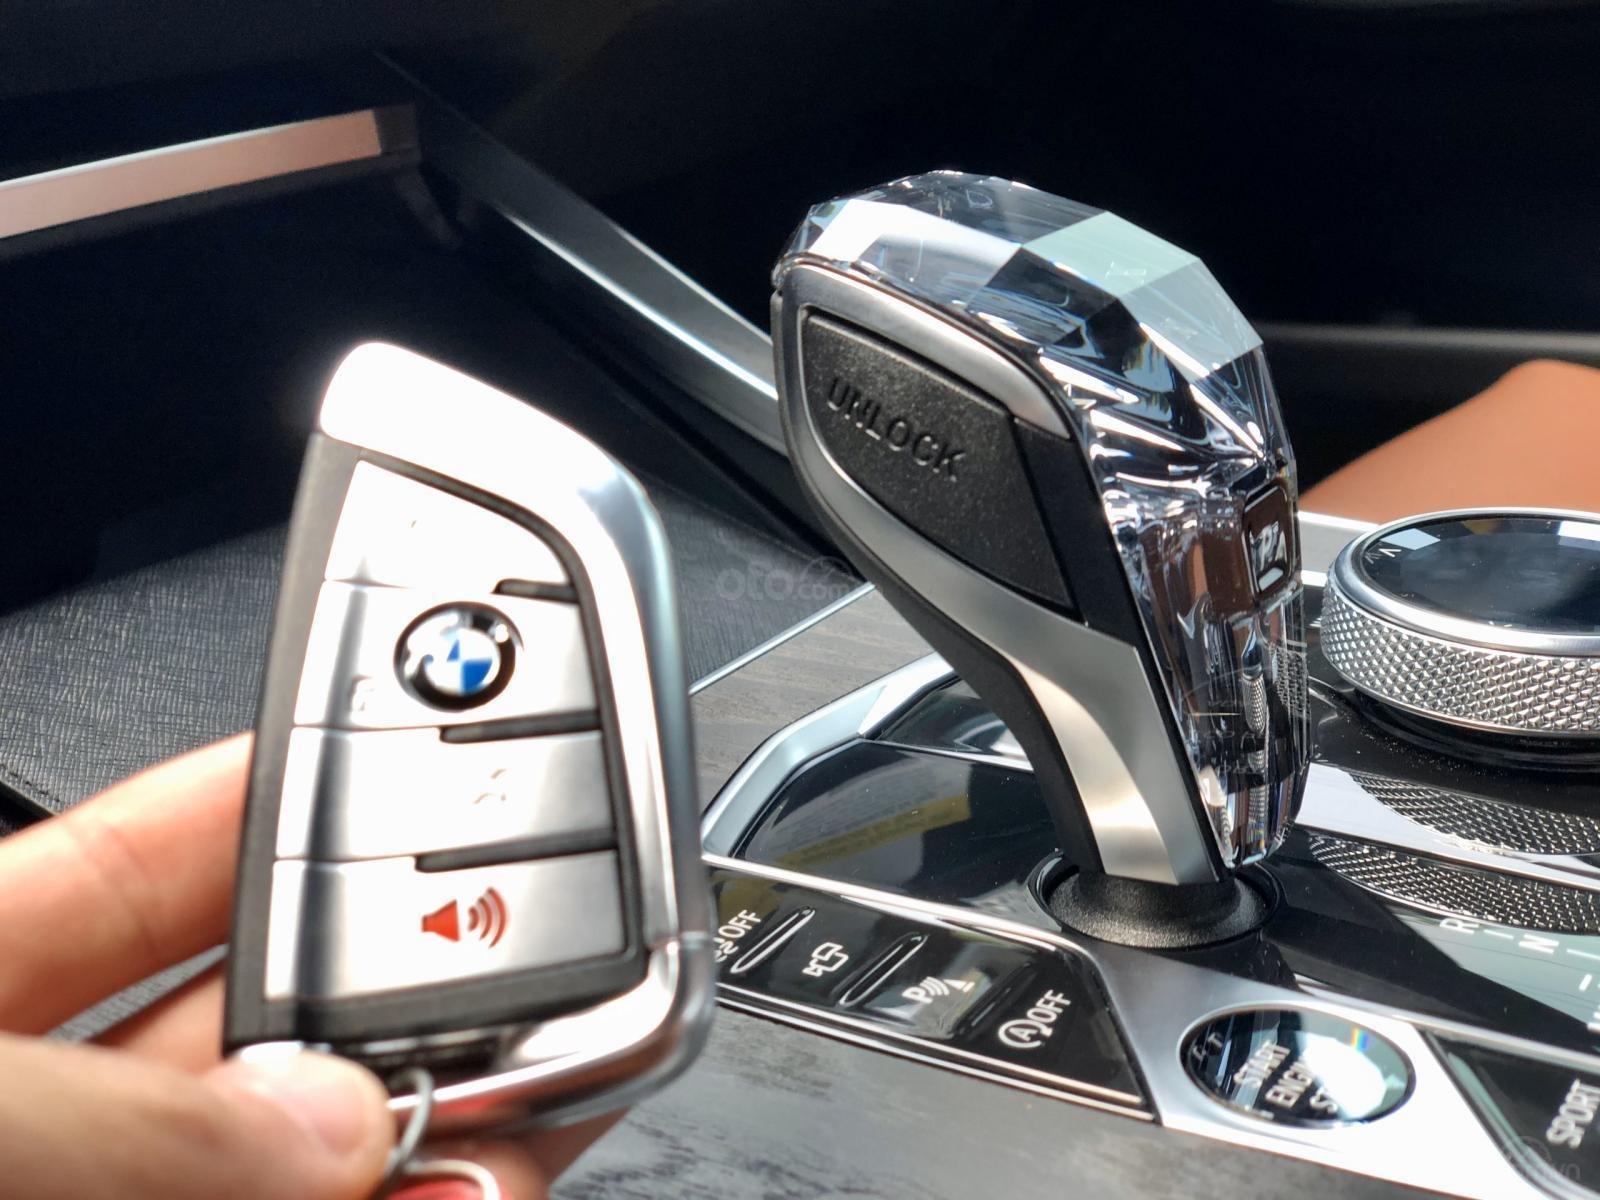 Bán BMW X7 xDrive40i đời 2020, nhập Mỹ, giao ngay toàn quốc, giá tốt, LH 0945.39.2468 Ms Hương (20)